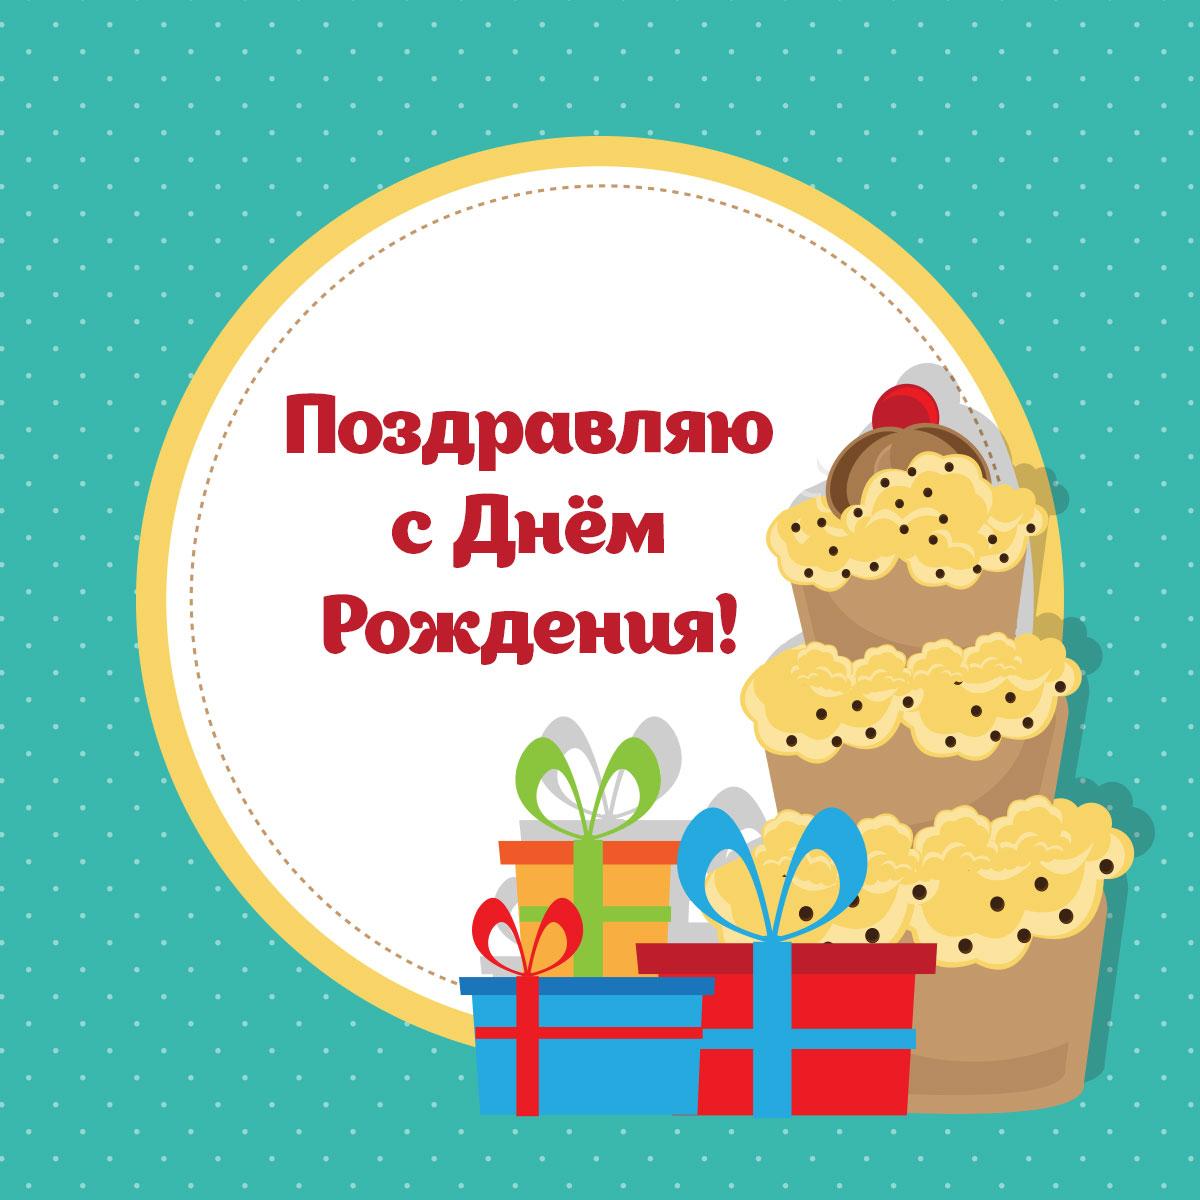 Зелёная открытка с текстом: поздравляю с днём рождения и праздничной выпечкой.